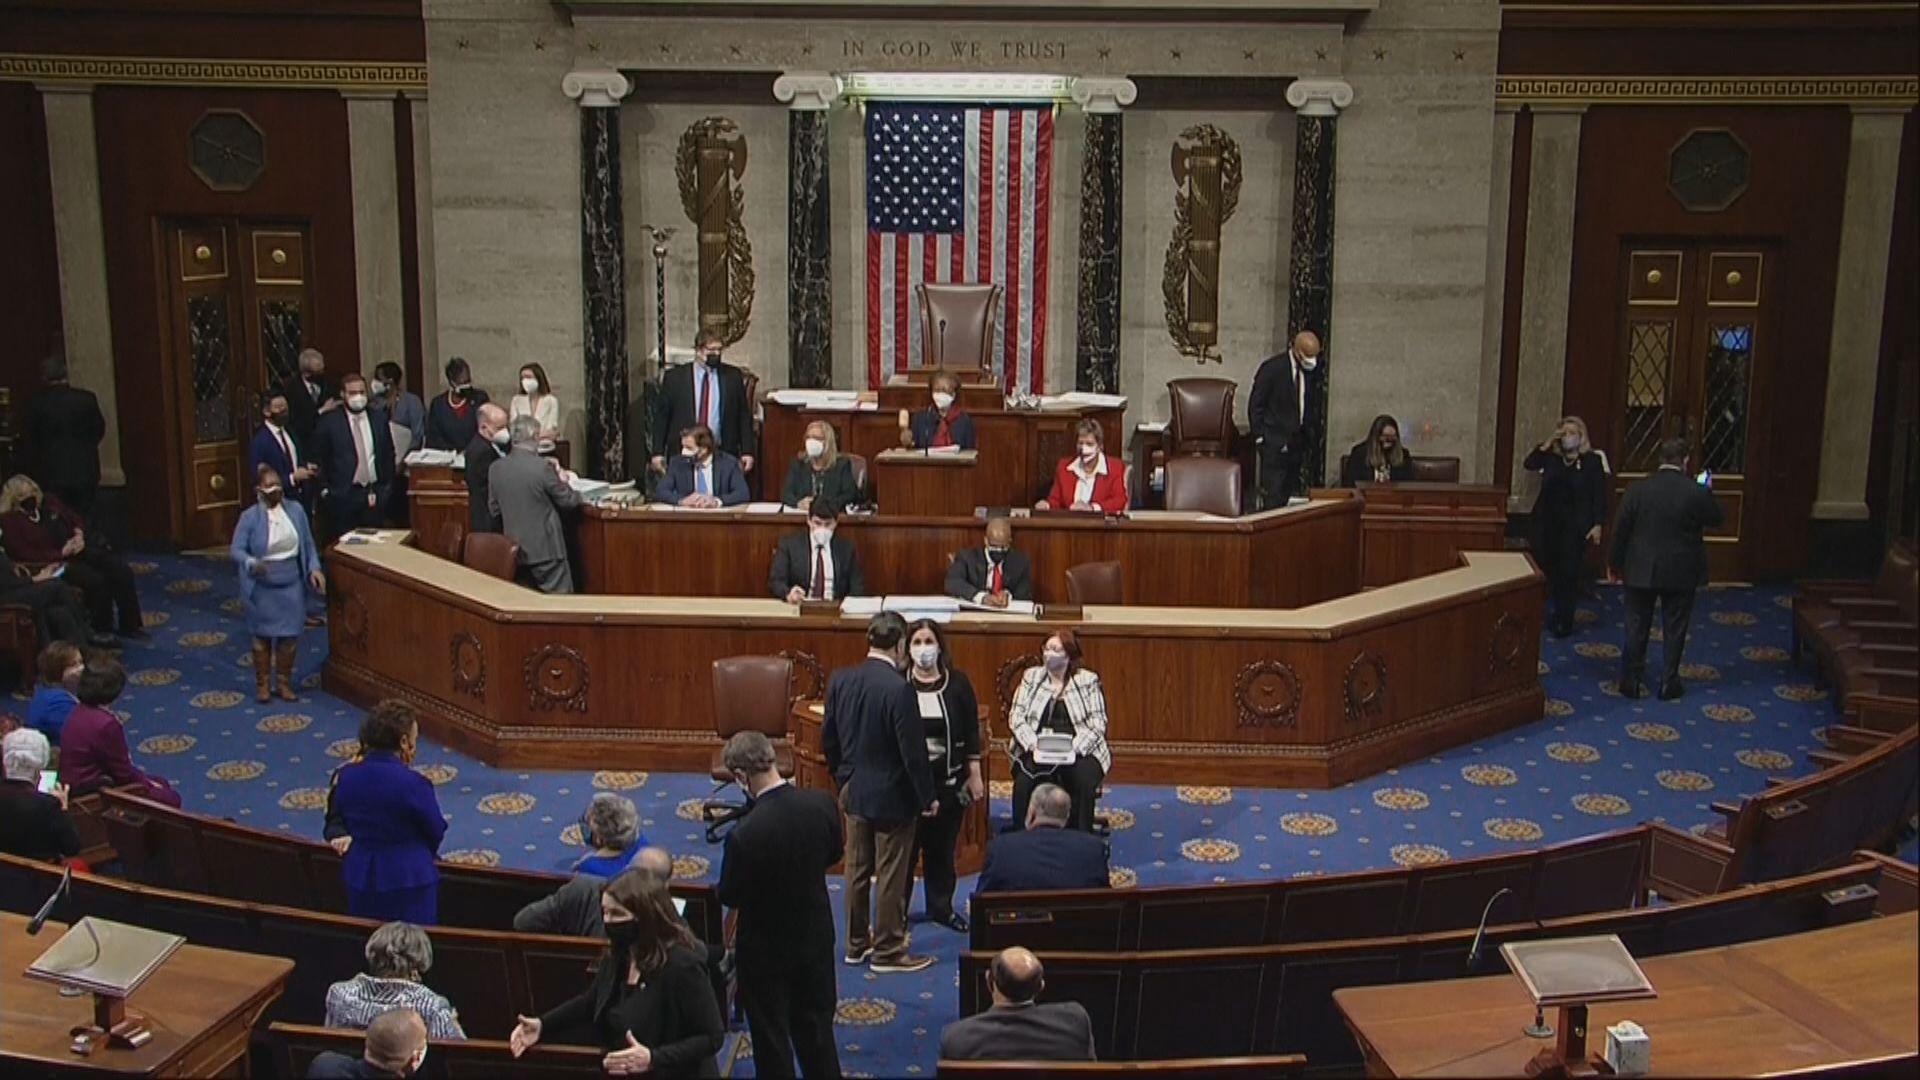 佩洛西:若引憲法罷免特朗普獲眾議院通過 彭斯須24小時內回應